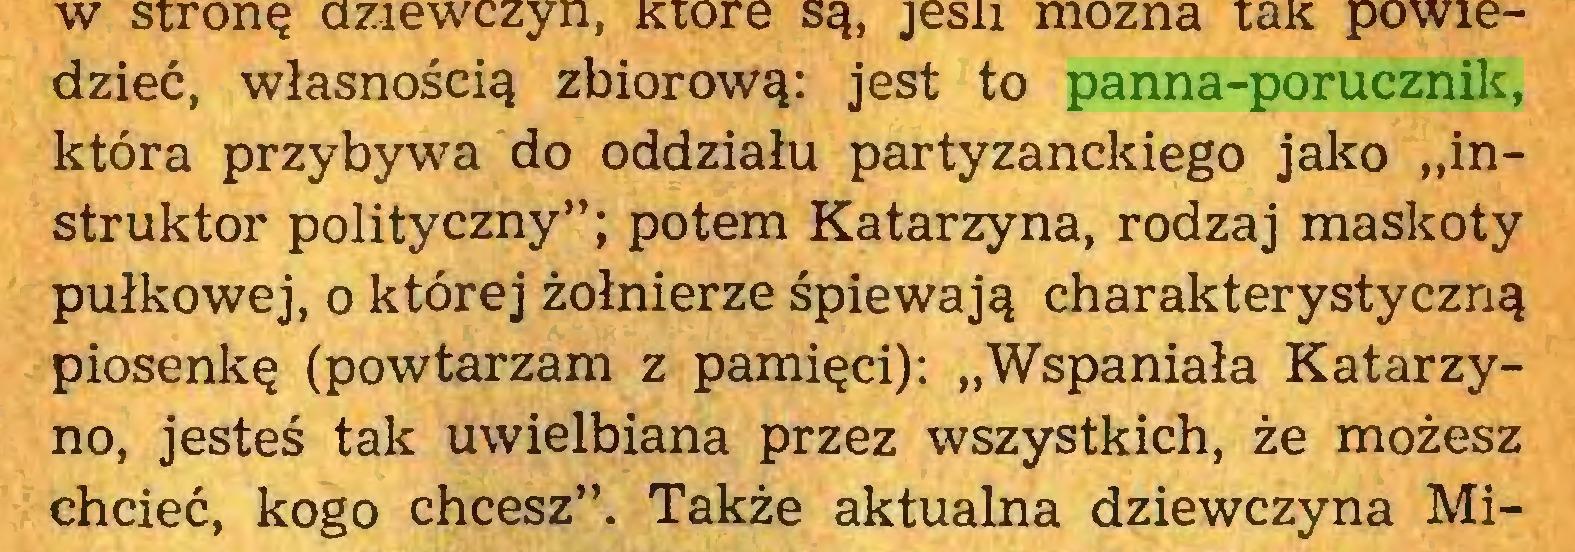 """(...) dzieć, własnością zbiorową: jest to panna-porucznik, która przybywa do oddziału partyzanckiego jako """"instruktor polityczny""""; potem Katarzyna, rodzaj maskoty pułkowej, o której żołnierze śpiewają charakterystyczną piosenkę (powtarzam z pamięci): """"Wspaniała Katarzyno, jesteś tak uwielbiana przez wszystkich, że możesz chcieć, kogo chcesz"""". Także aktualna dziewczyna Mi..."""